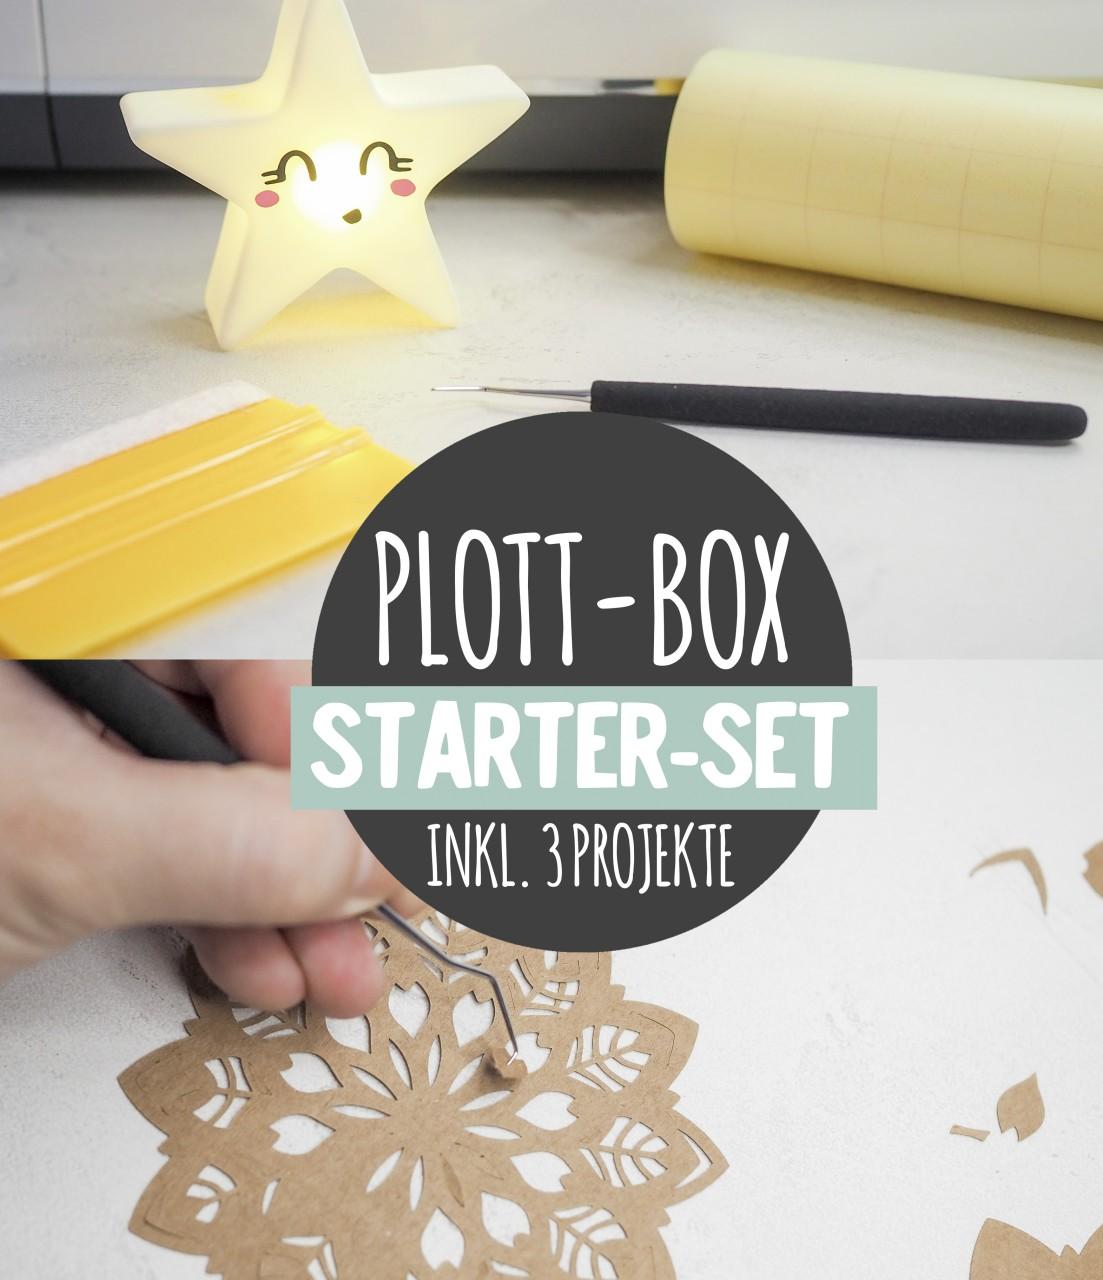 Deine Plottbox *Starter-Box* - Alles was du zum Start mit deinem Plotter brauchst!